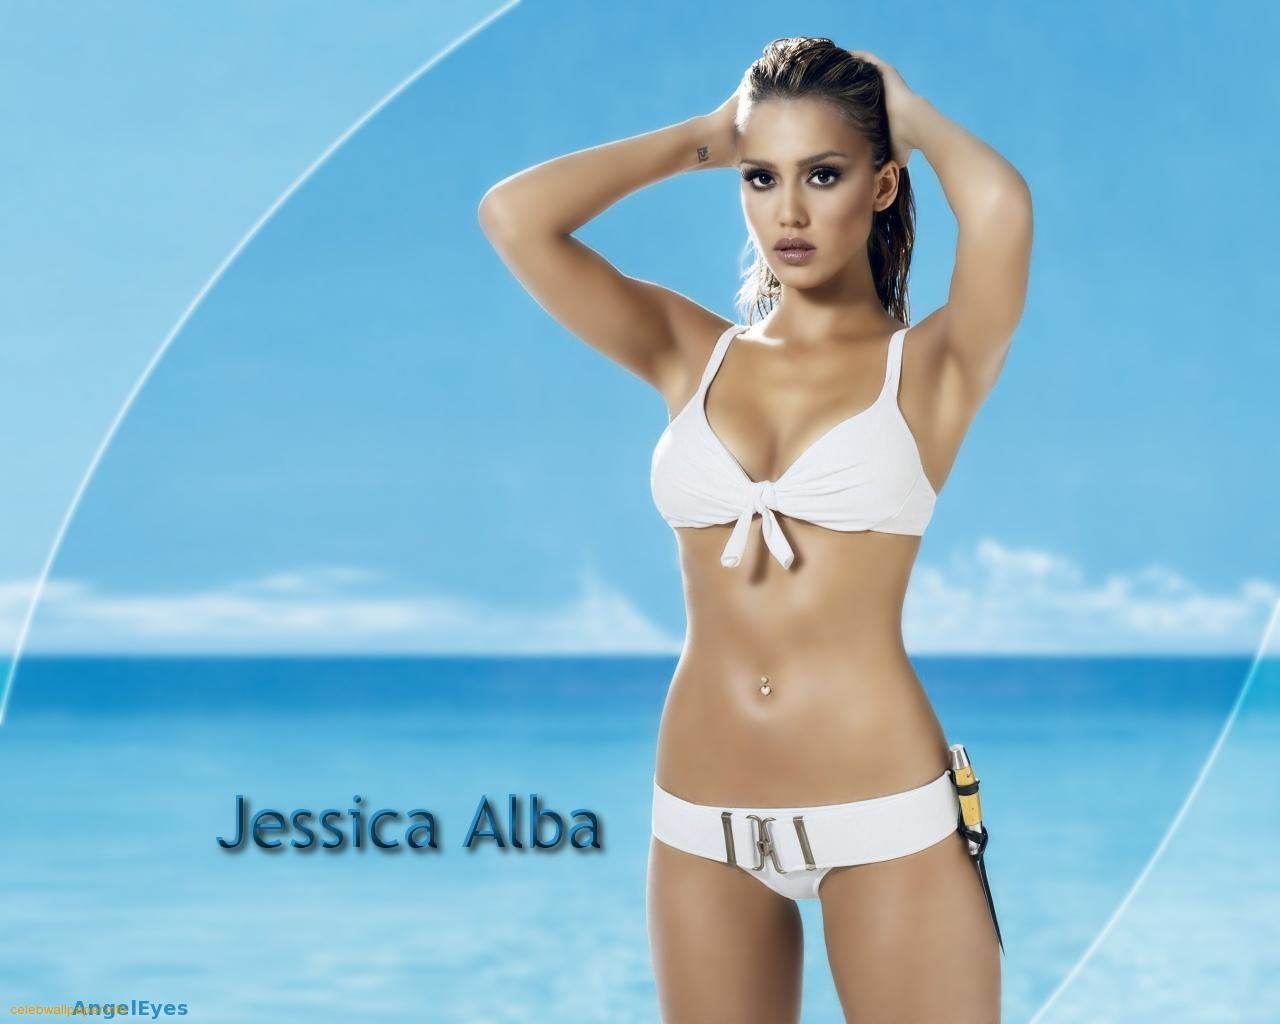 http://2.bp.blogspot.com/_p2EstT5Z5BU/THTU3q4lT3I/AAAAAAAAASo/539OyQAX4BQ/s1600/Jessica+Alba+Wallpapers+jessica-alba-wallpaper-12-1.jpeg